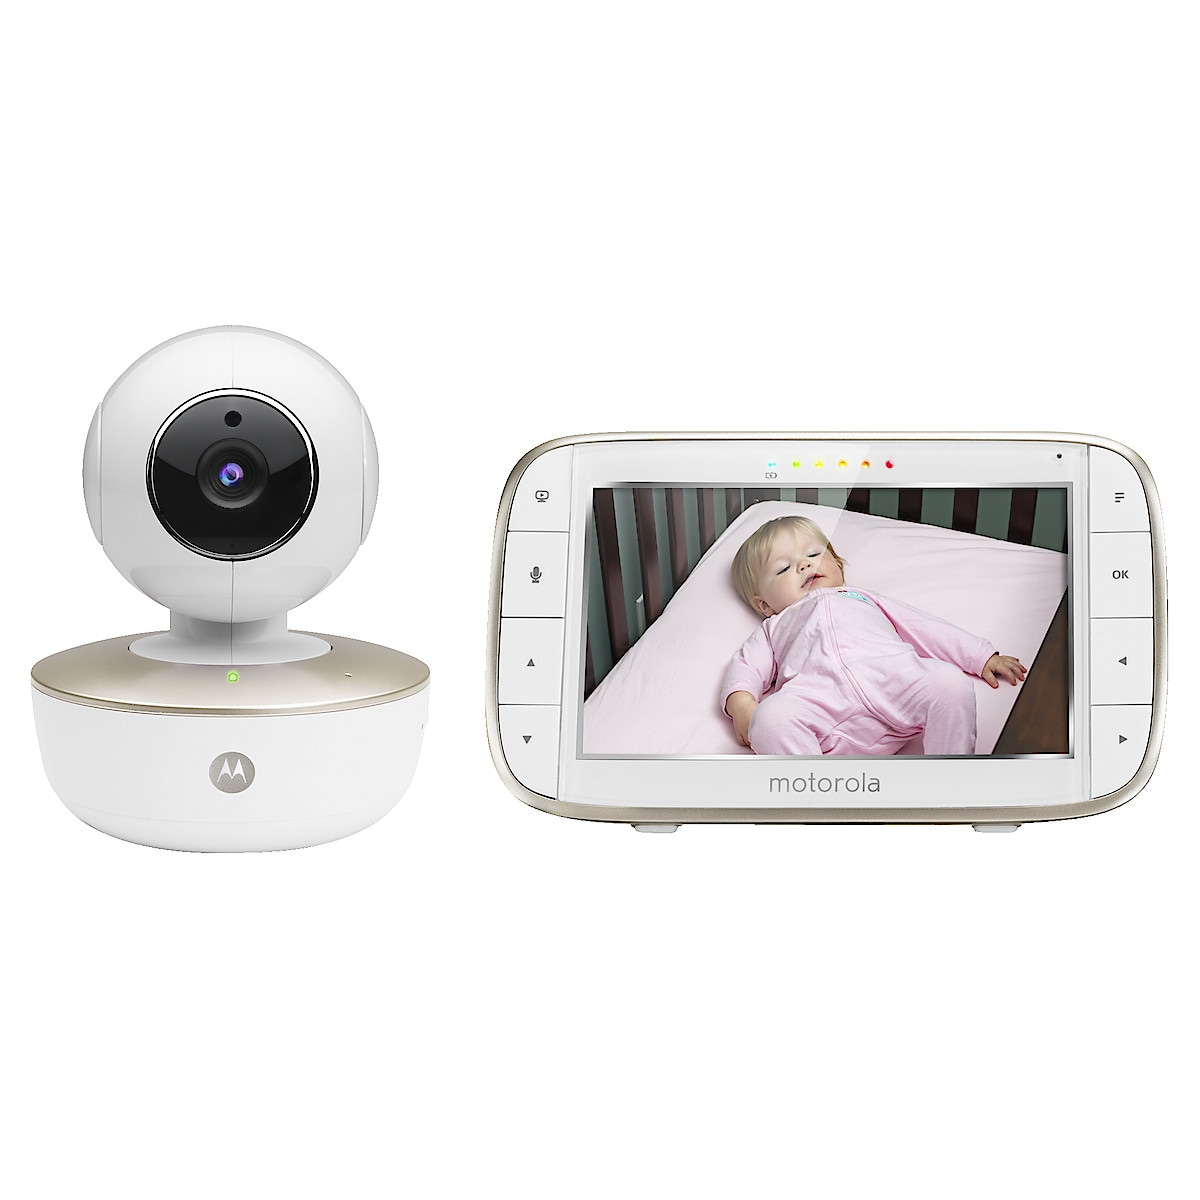 Motorola MBP855 Connect, babycall